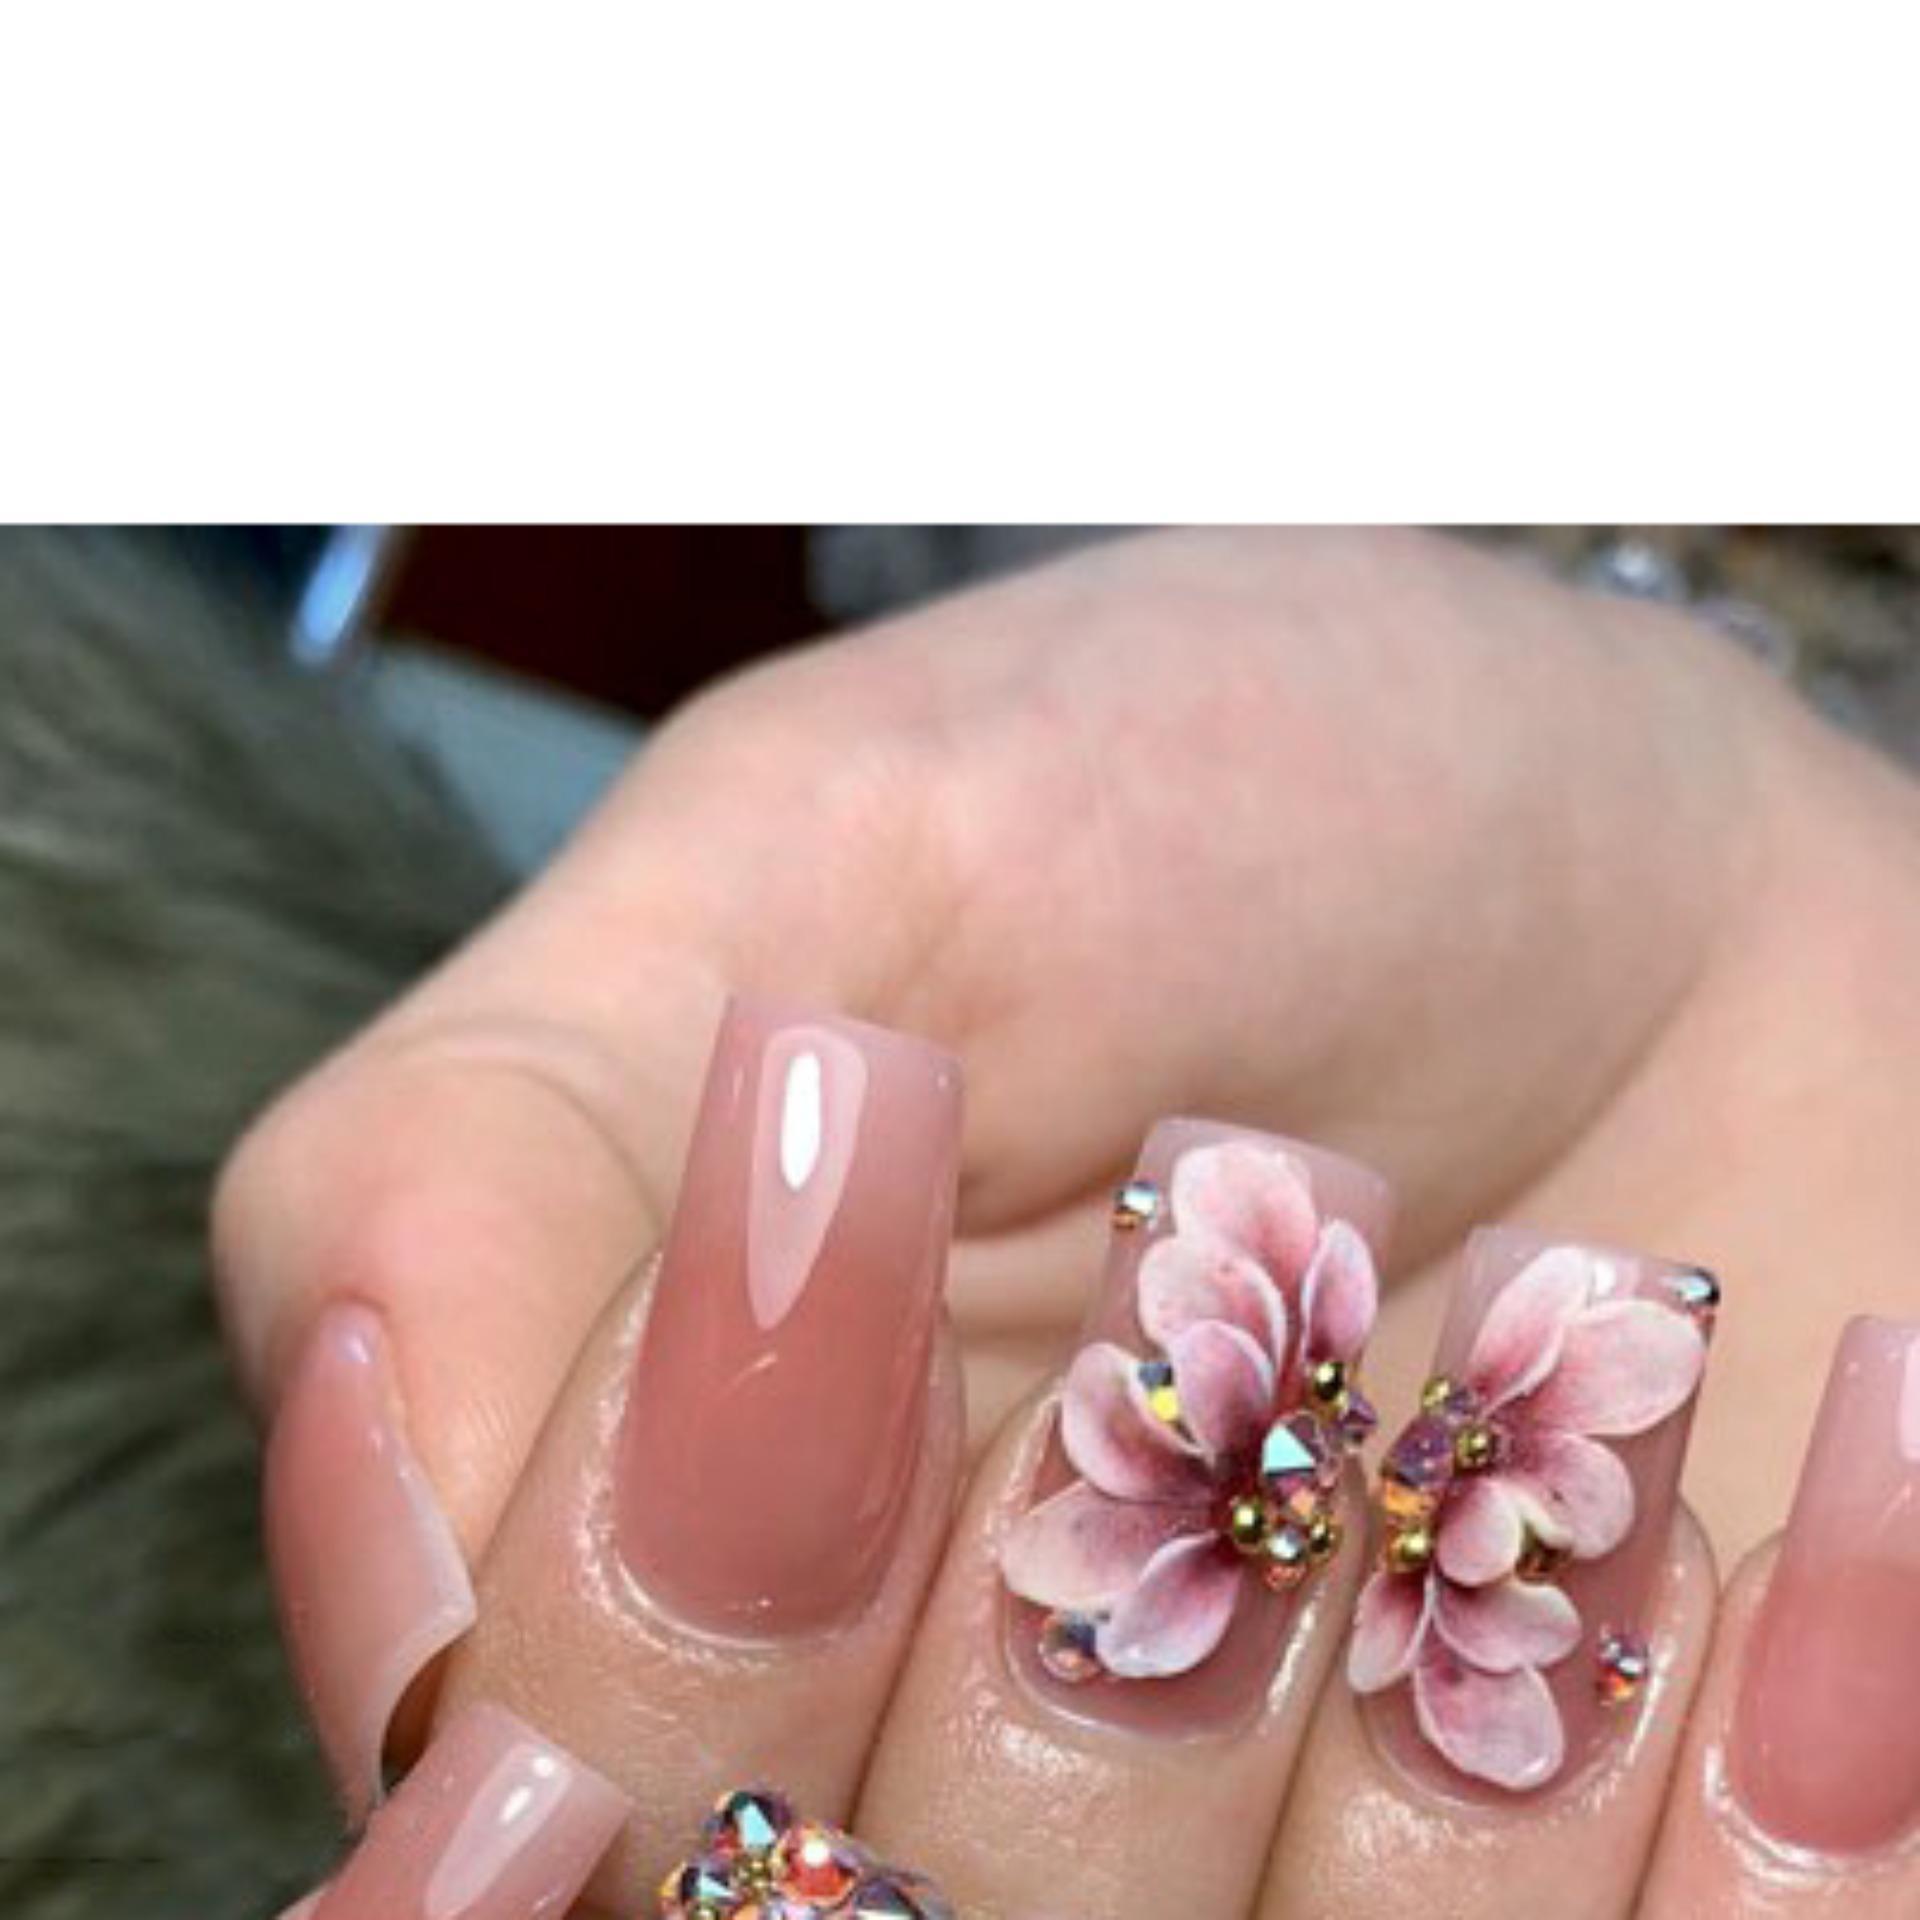 Sản phẩm trang trí móng , vẽ nổi, Nail desige , hoa vẽ nổi. Hoa nổi 4D ,Fantasy ,set 2 hoa theo màu.Hoa dễ bẻ from móng(hàng vẽ tay không đổ khuôn )Mã HN008 tốt nhất